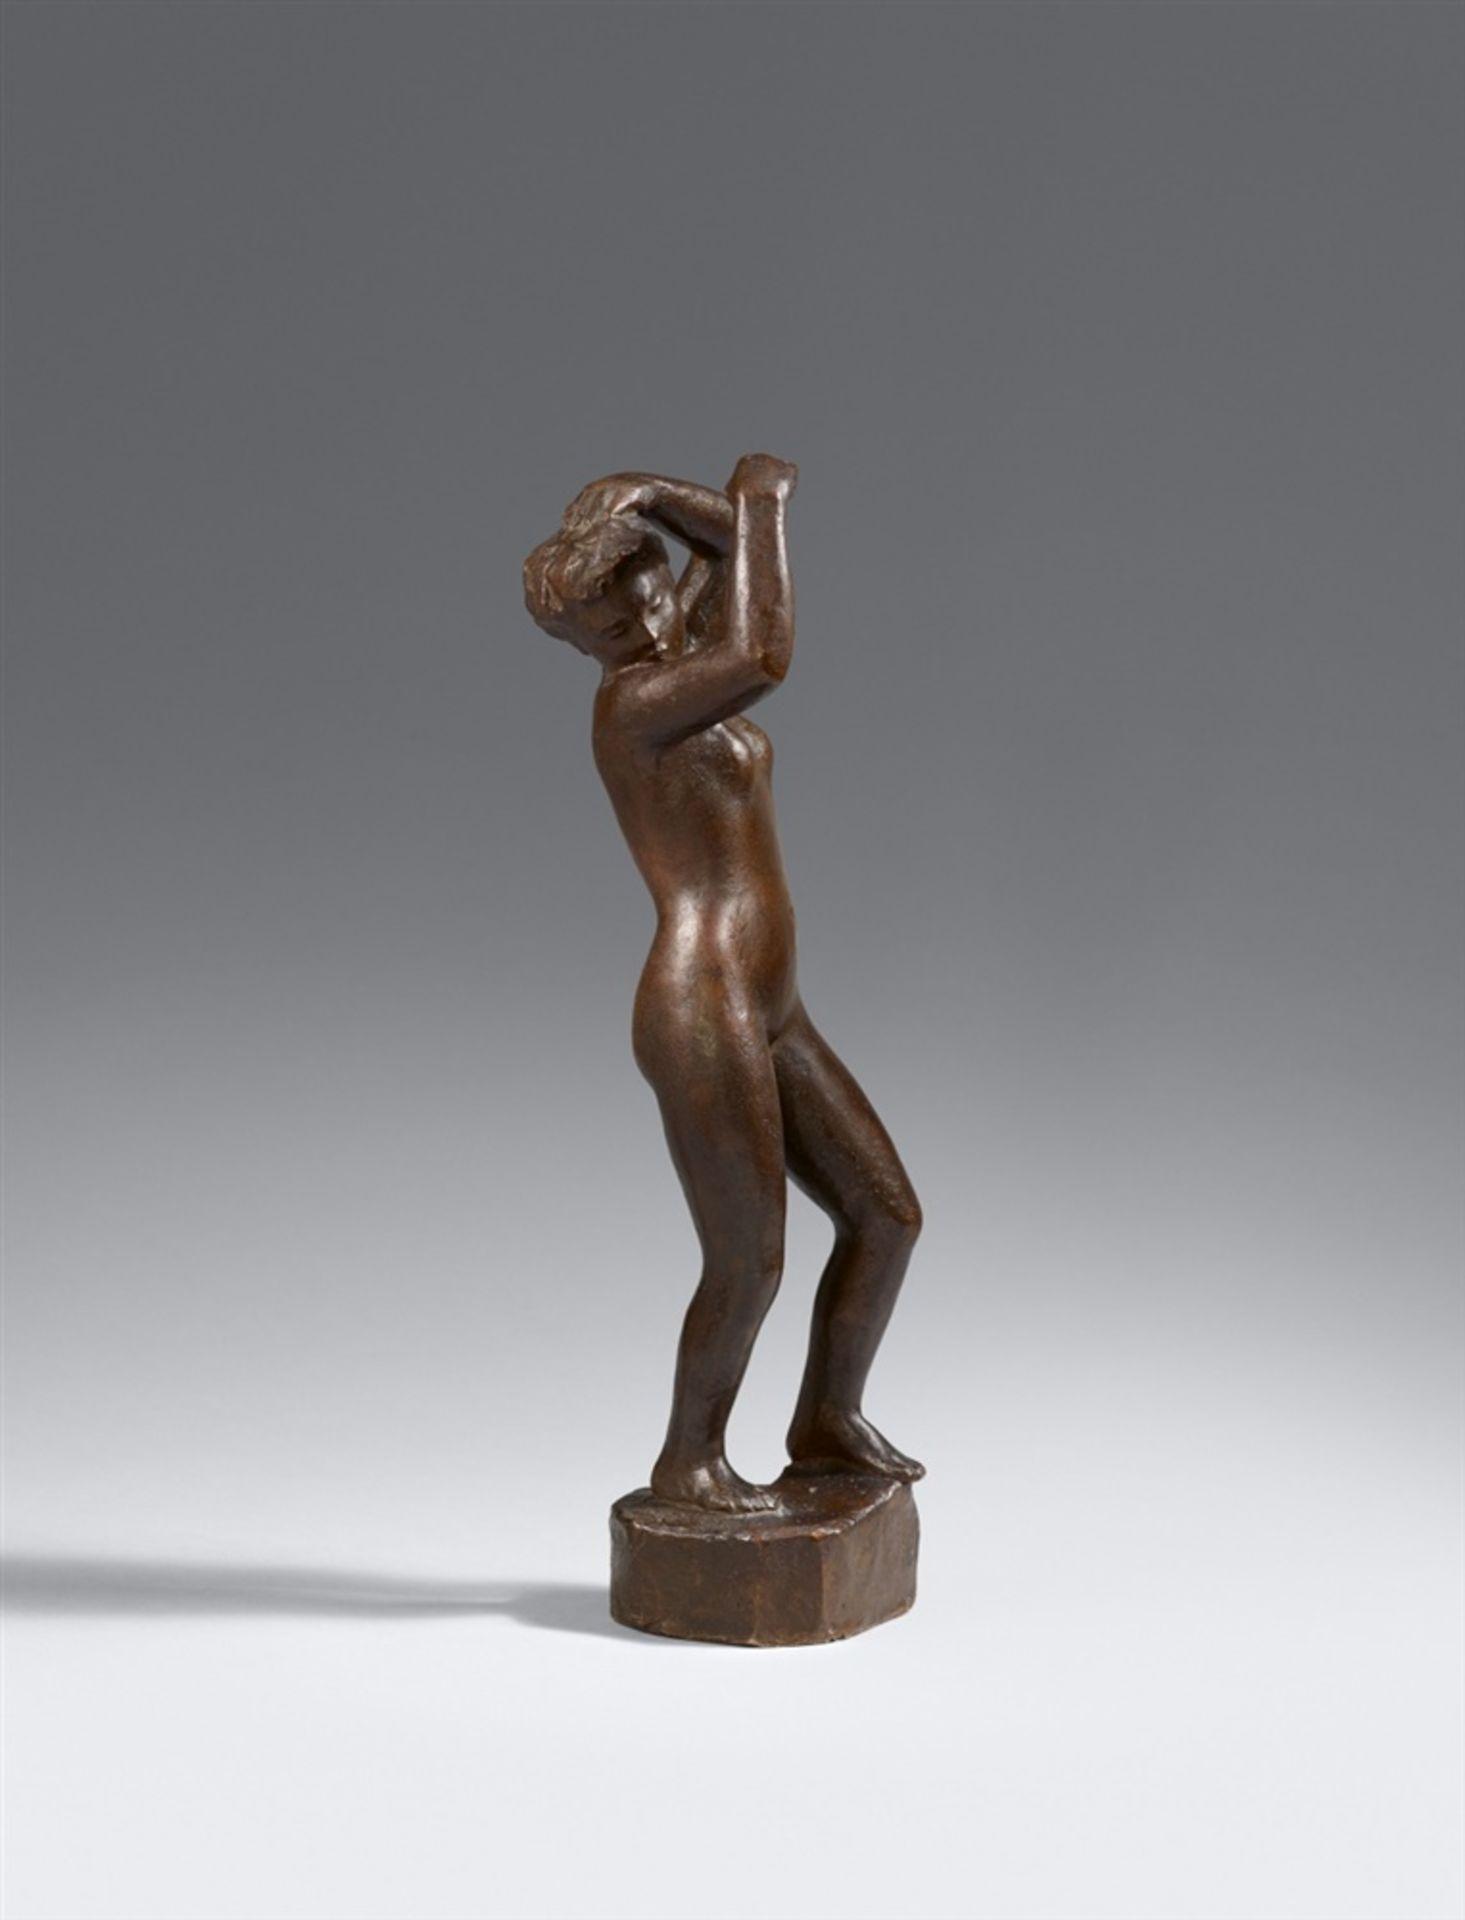 Georg KolbeStatuette 1 (Statuette mit erhobenen Armen)